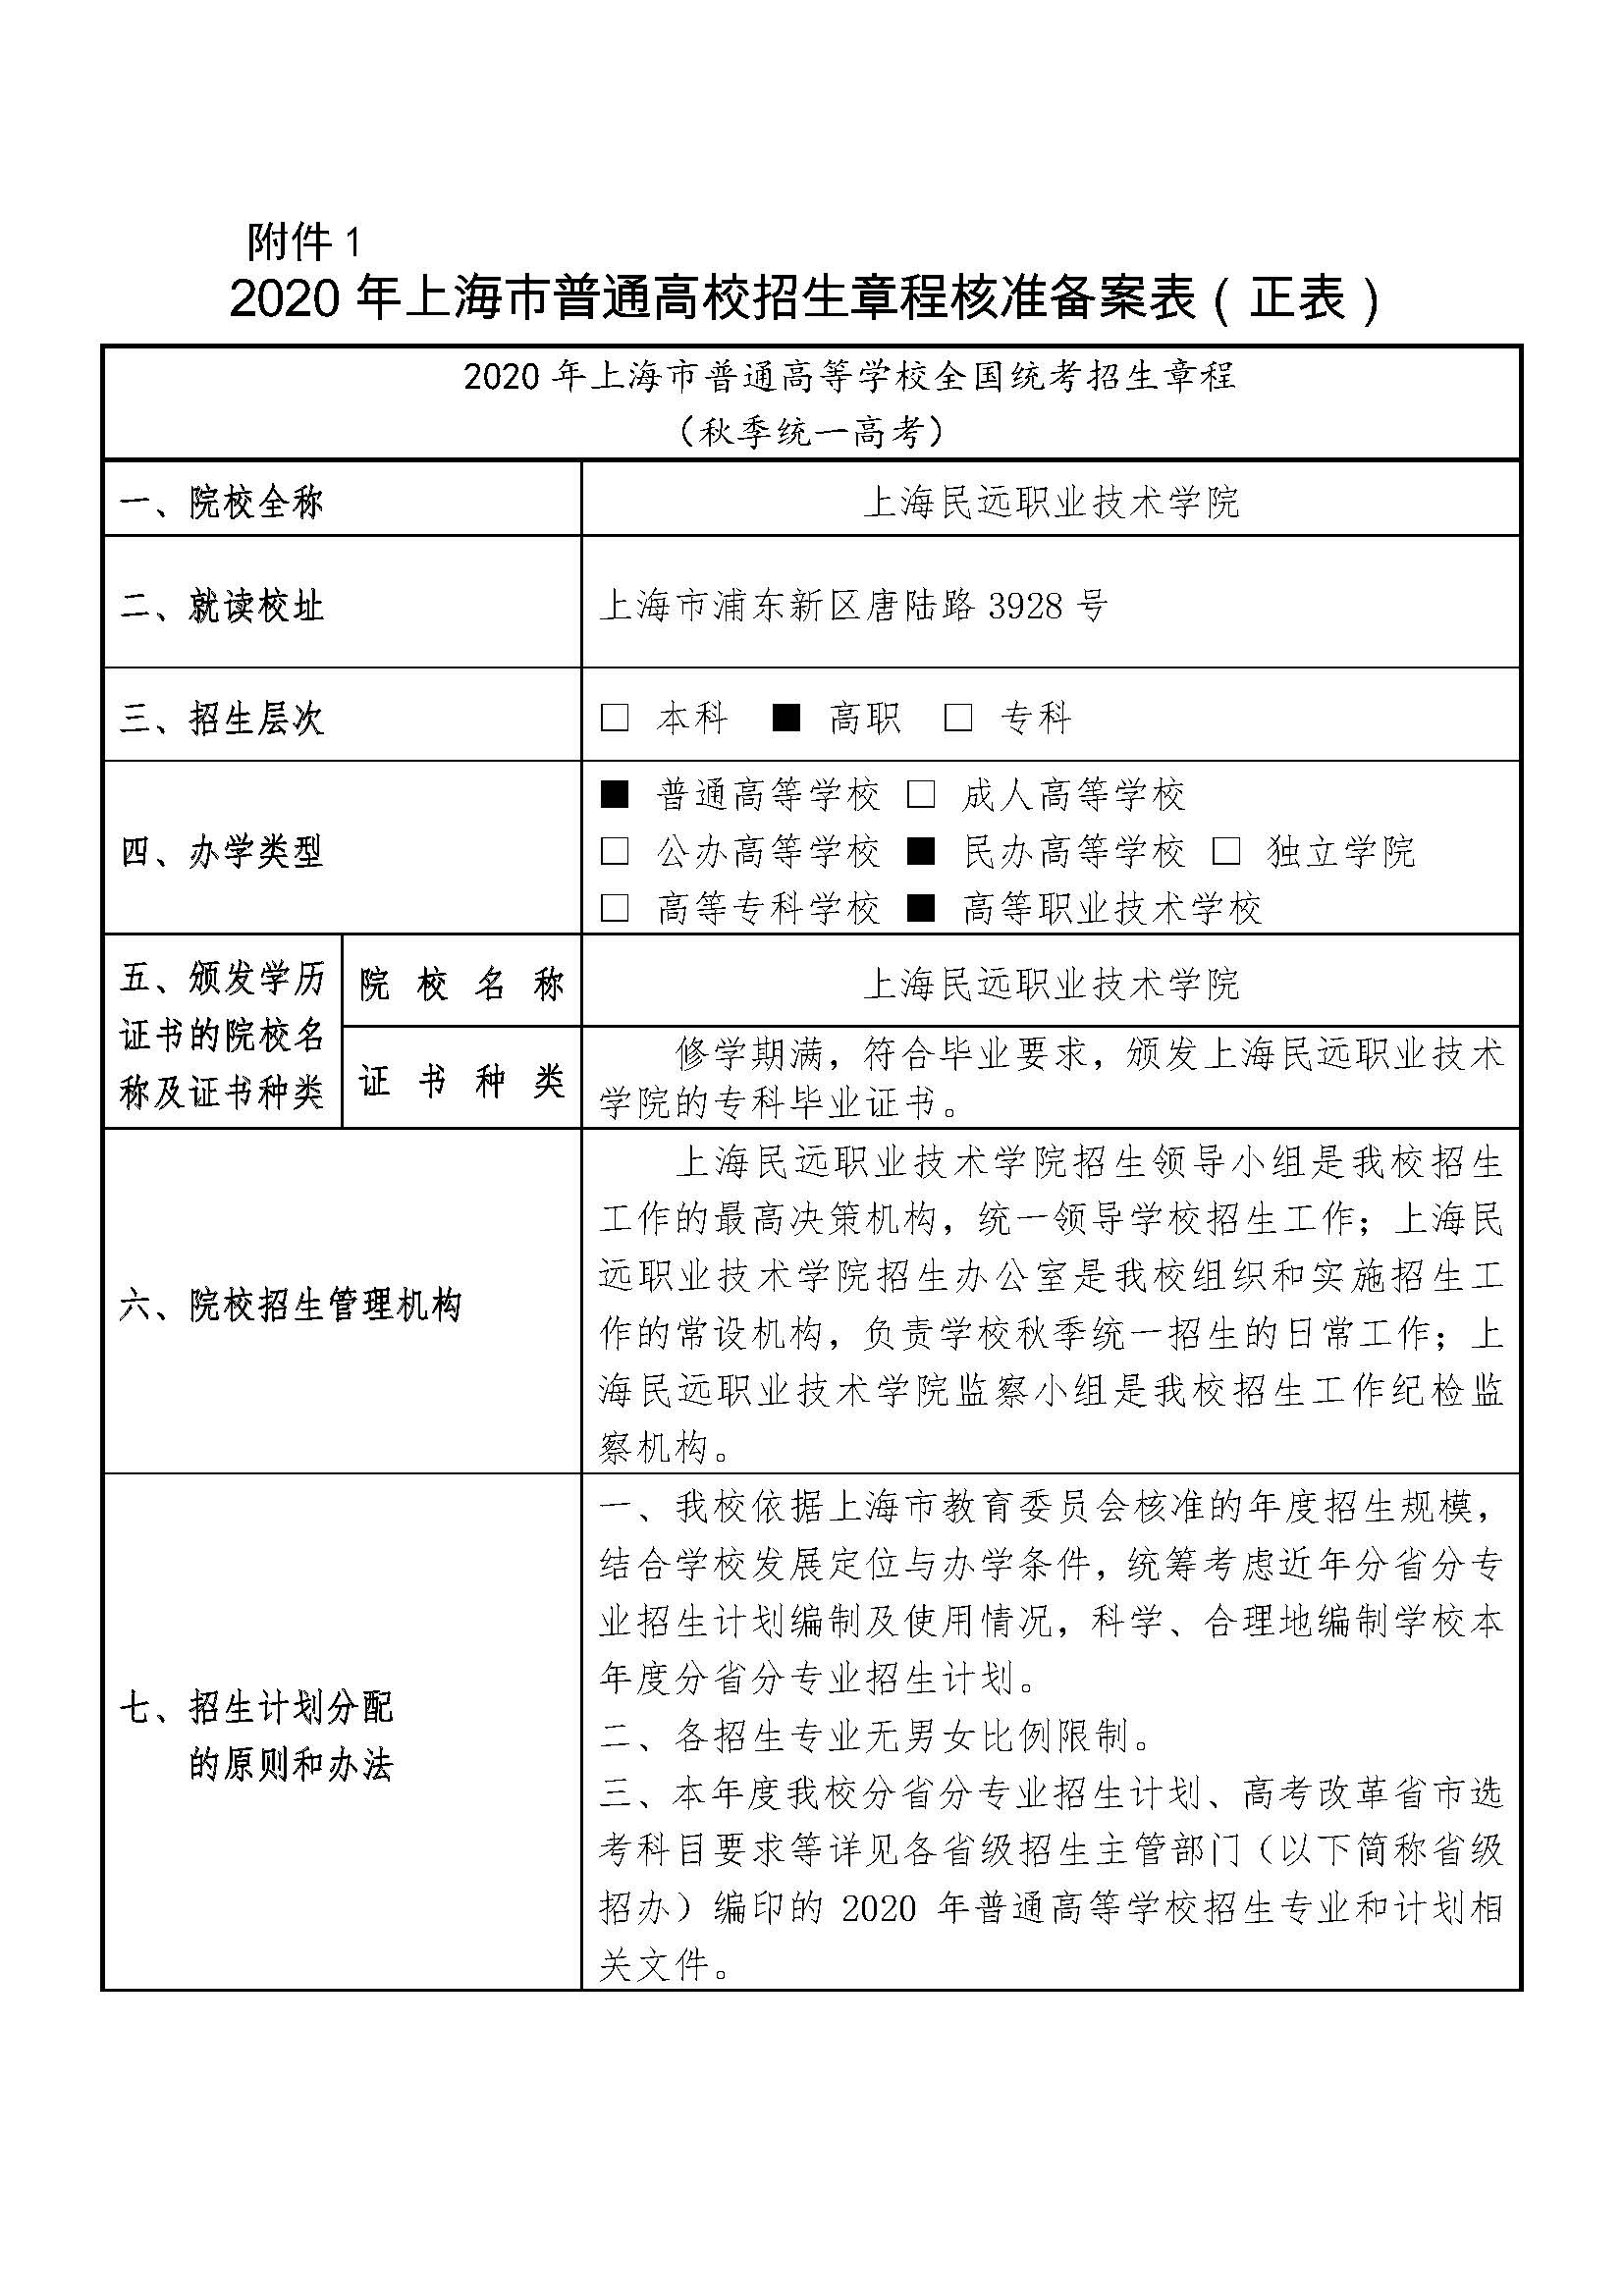 2020全国统考招生章程(正表)_页面_1.jpg